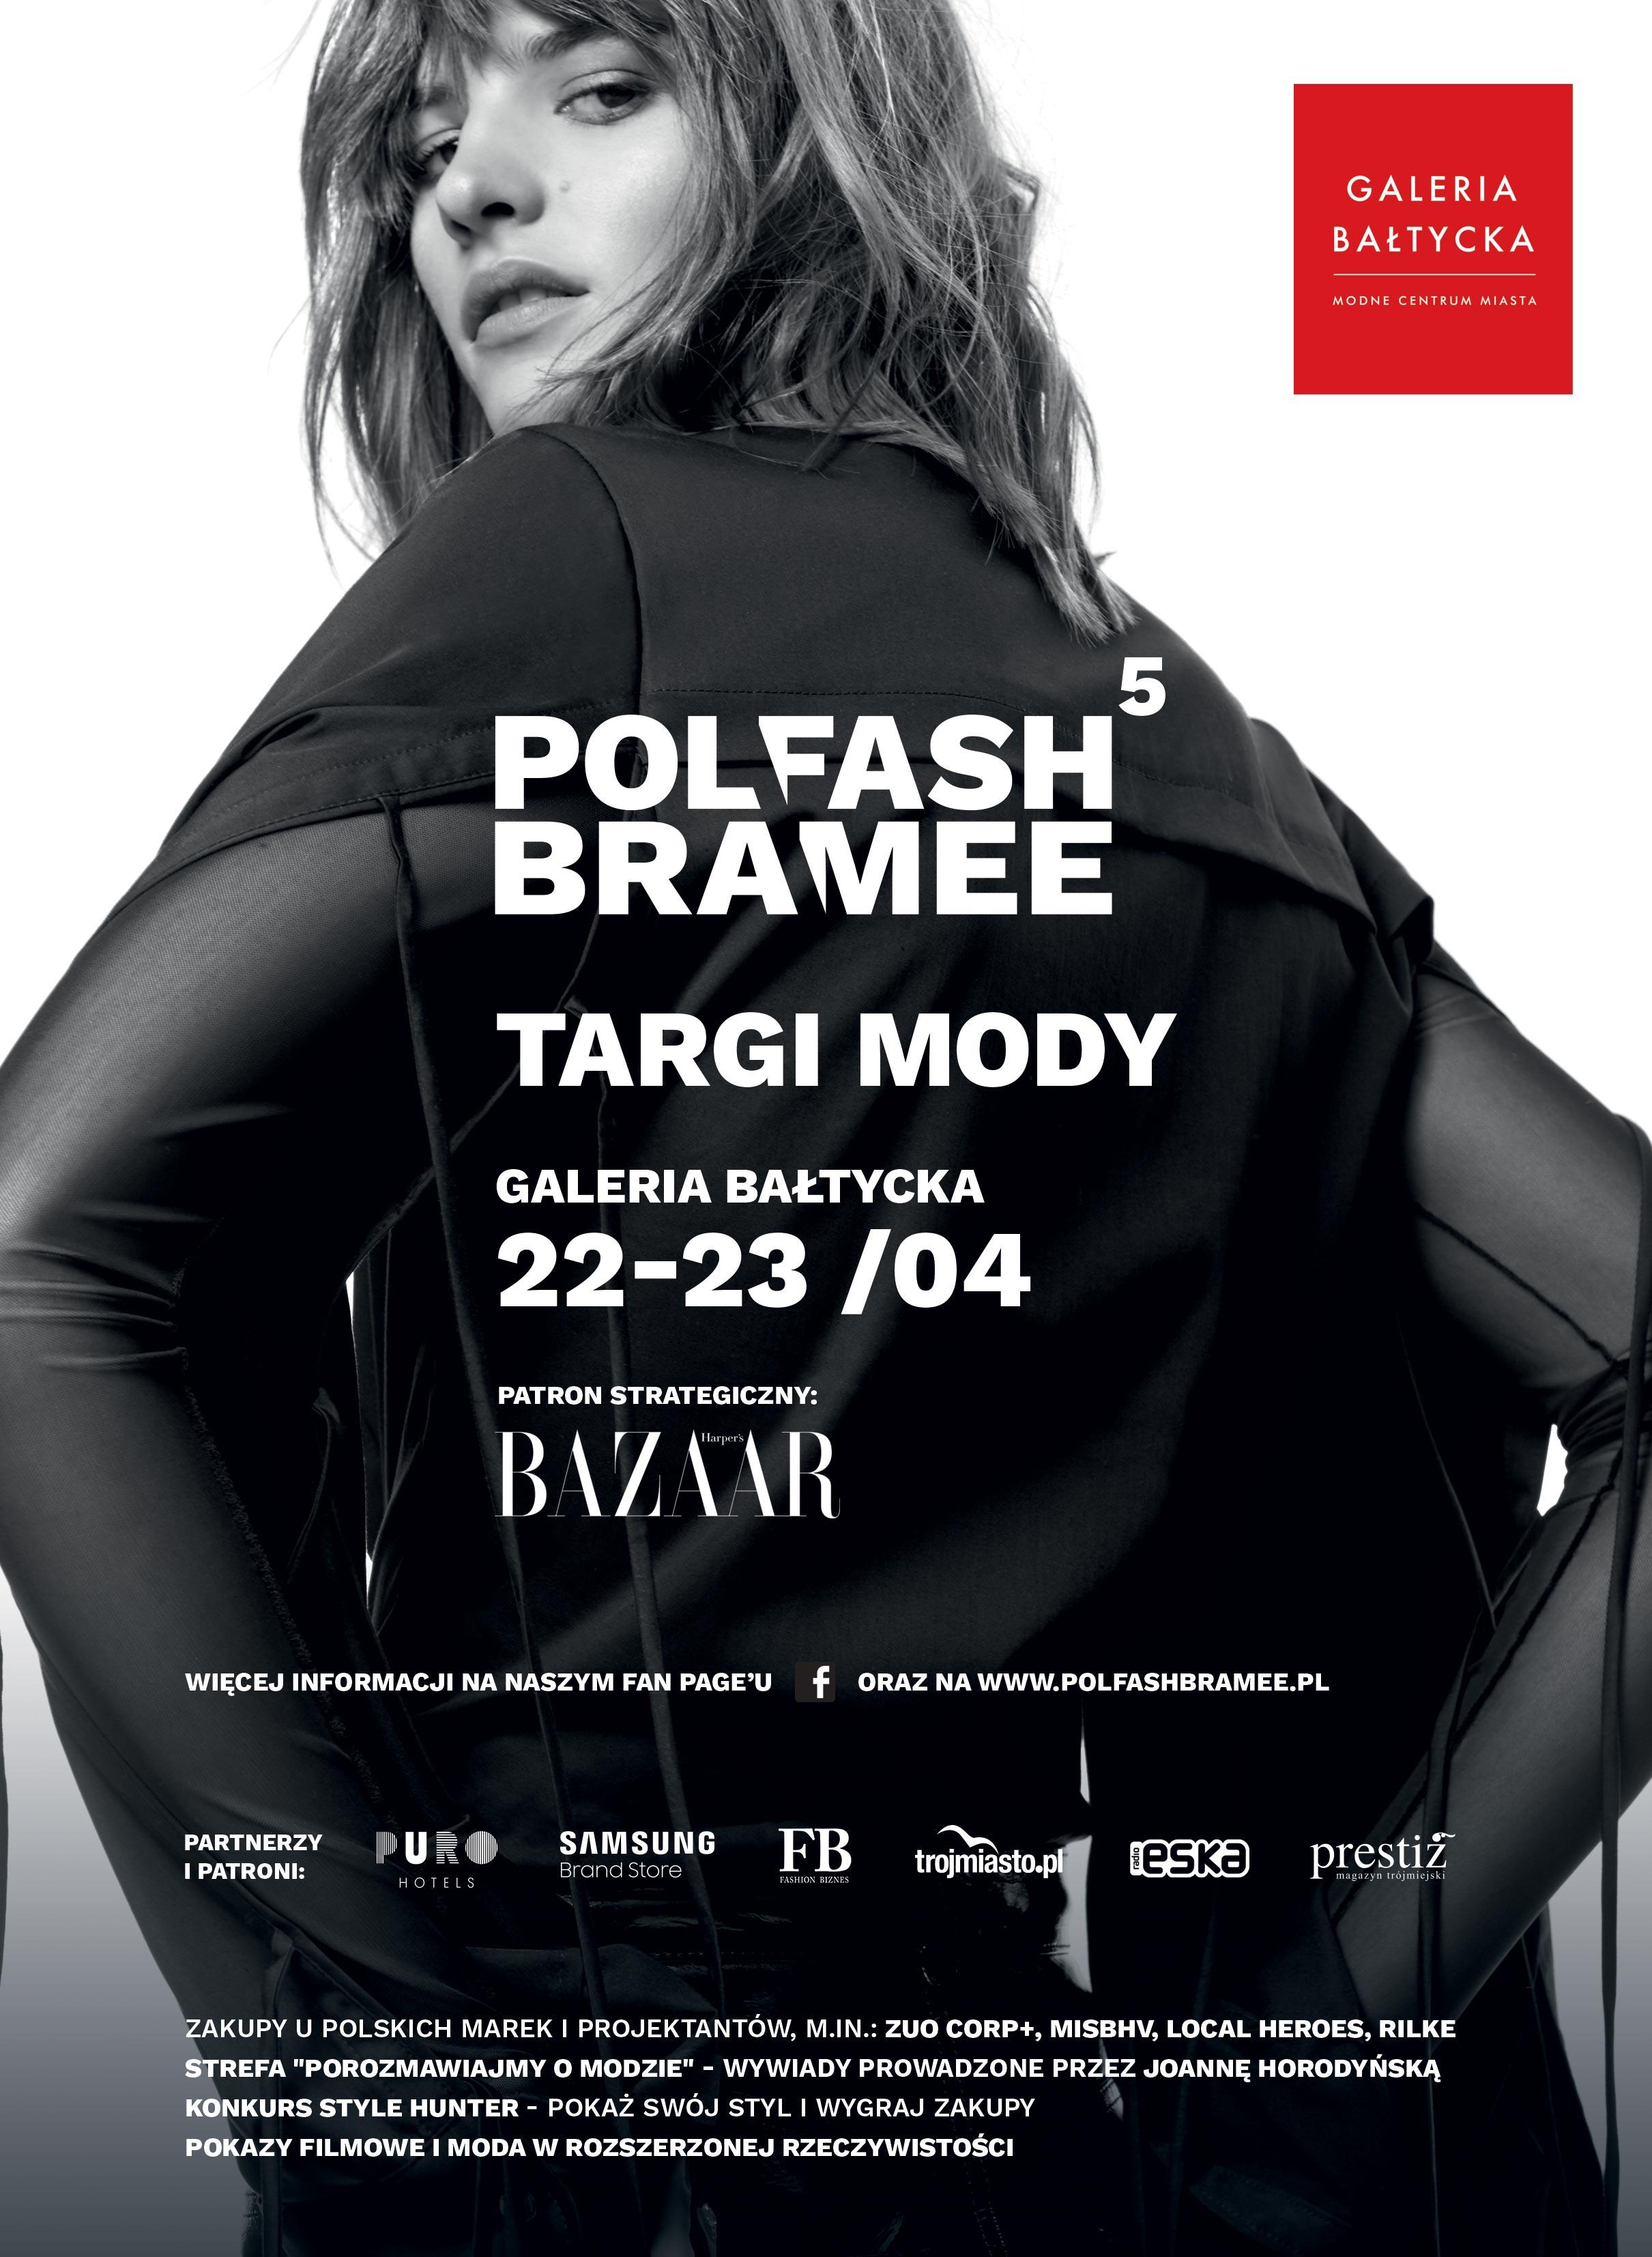 magazynkobiet.pl - POLFASH GB plakat - Joanna Horodyńska i Gosia Baczyńska na Polfash Bramee w Galerii Bałtyckiej